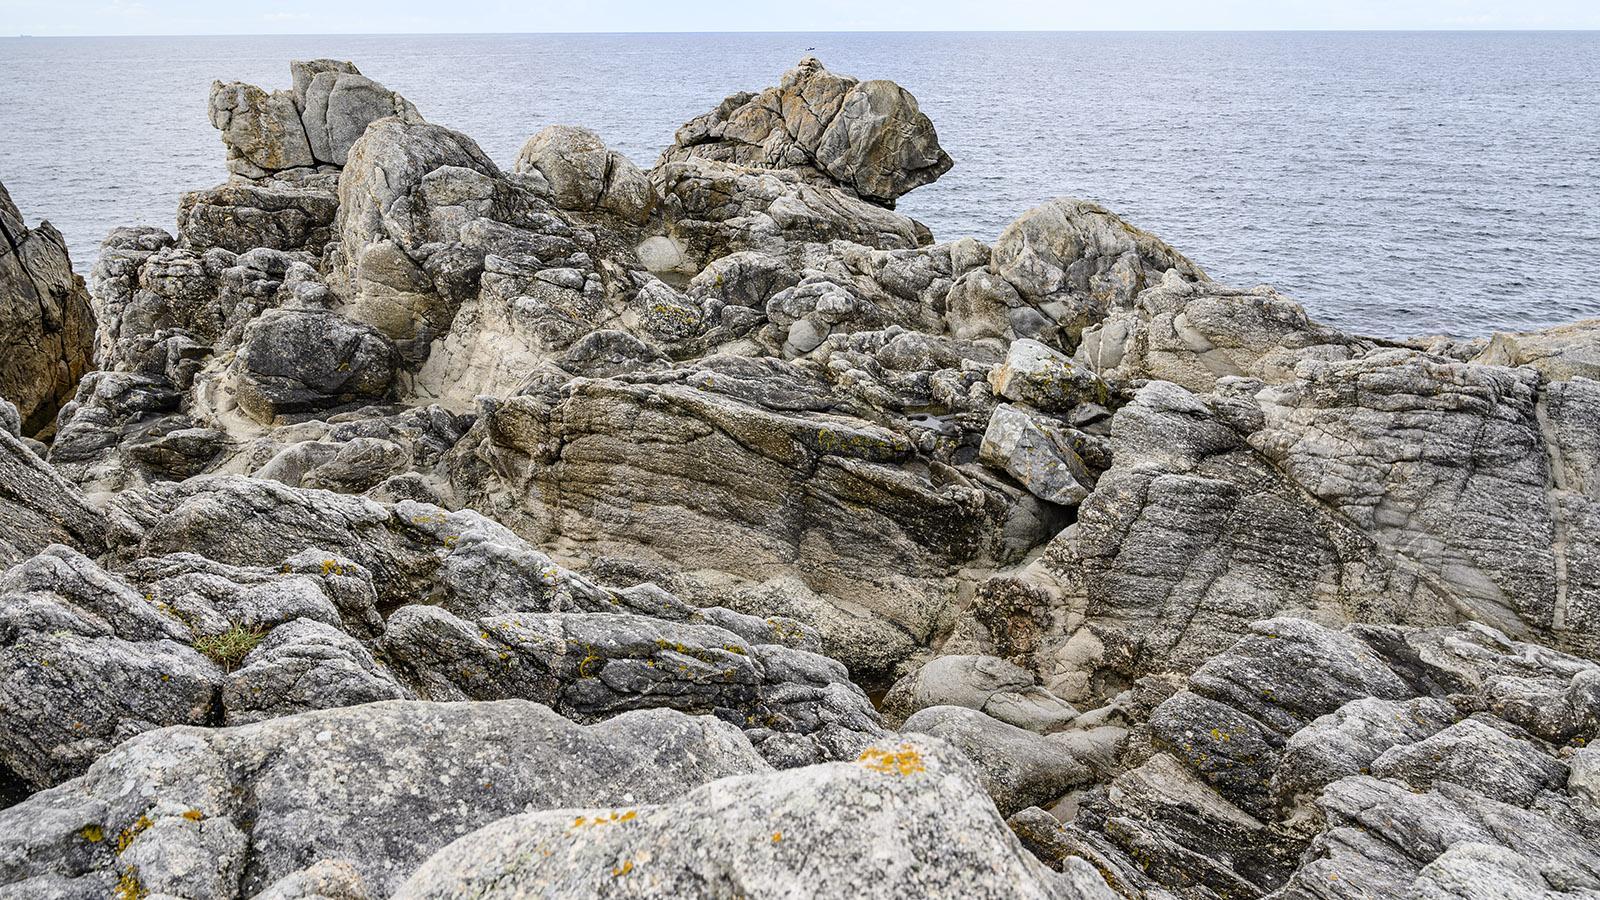 Der schlafende Felsenbär der wilden Küste von Le Croisic. Foto: Hilke Maunder